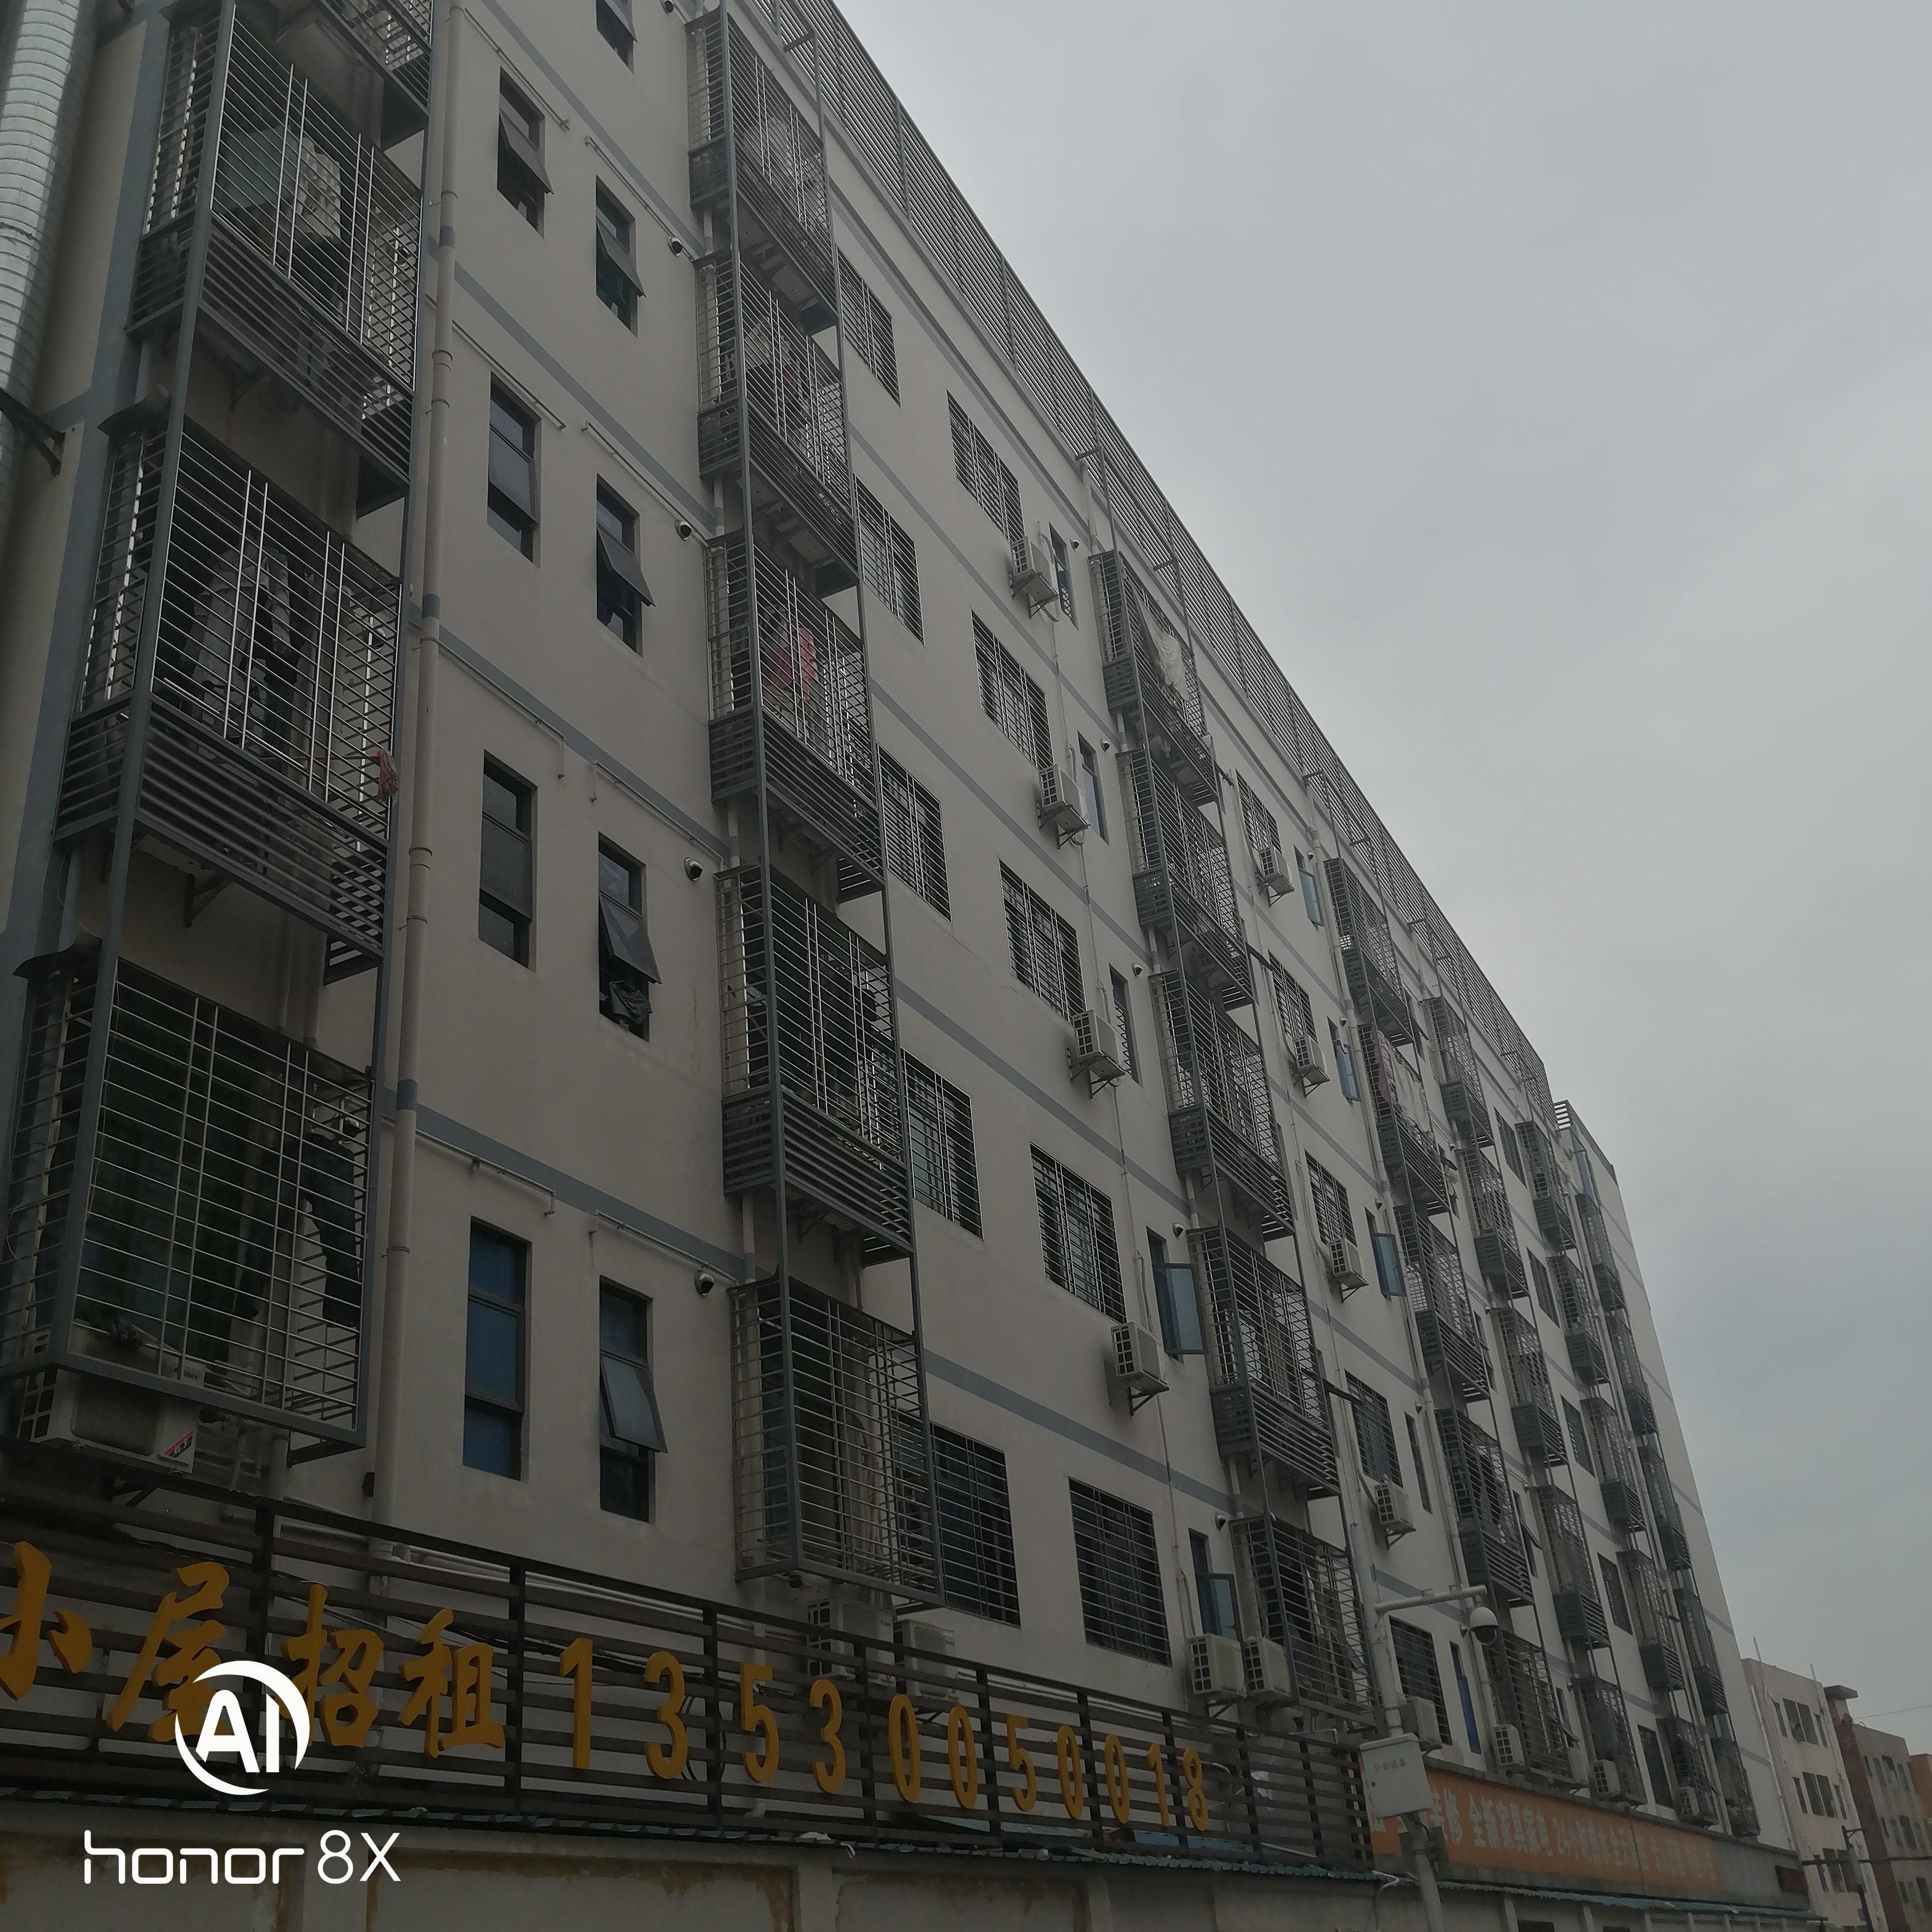 横岗荷坳新出独院楼上带装修厂房1200平出租只要16元每平米